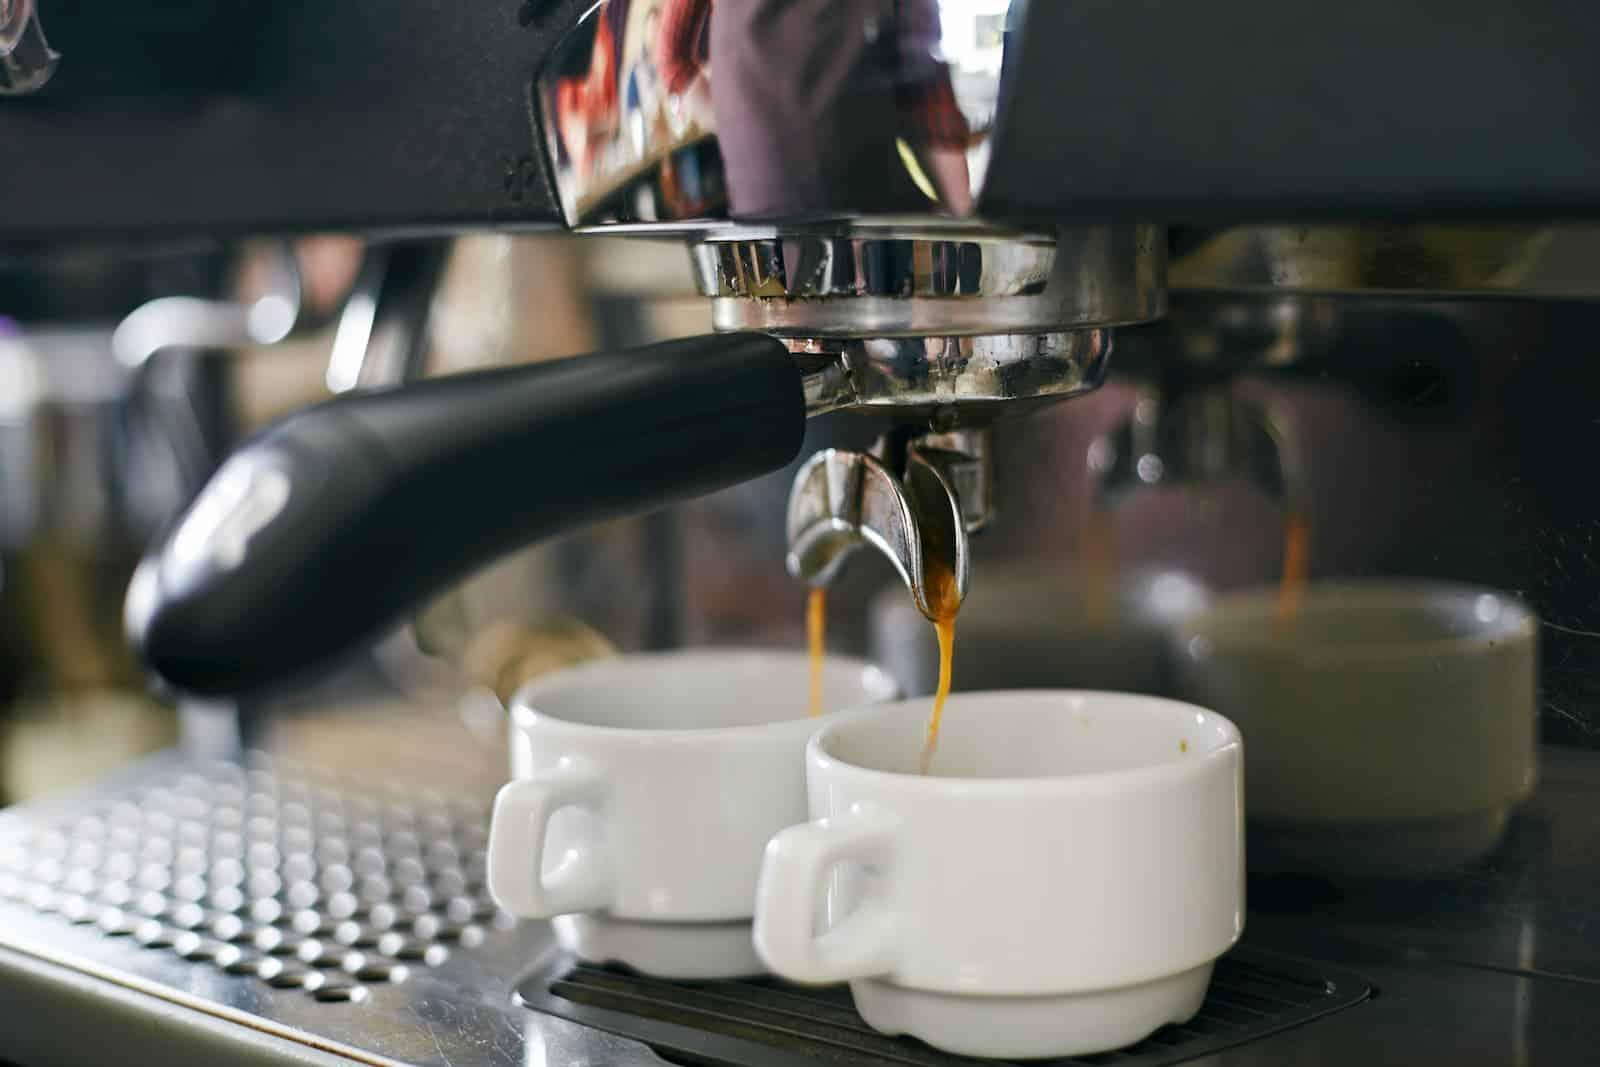 servindo xícara de café